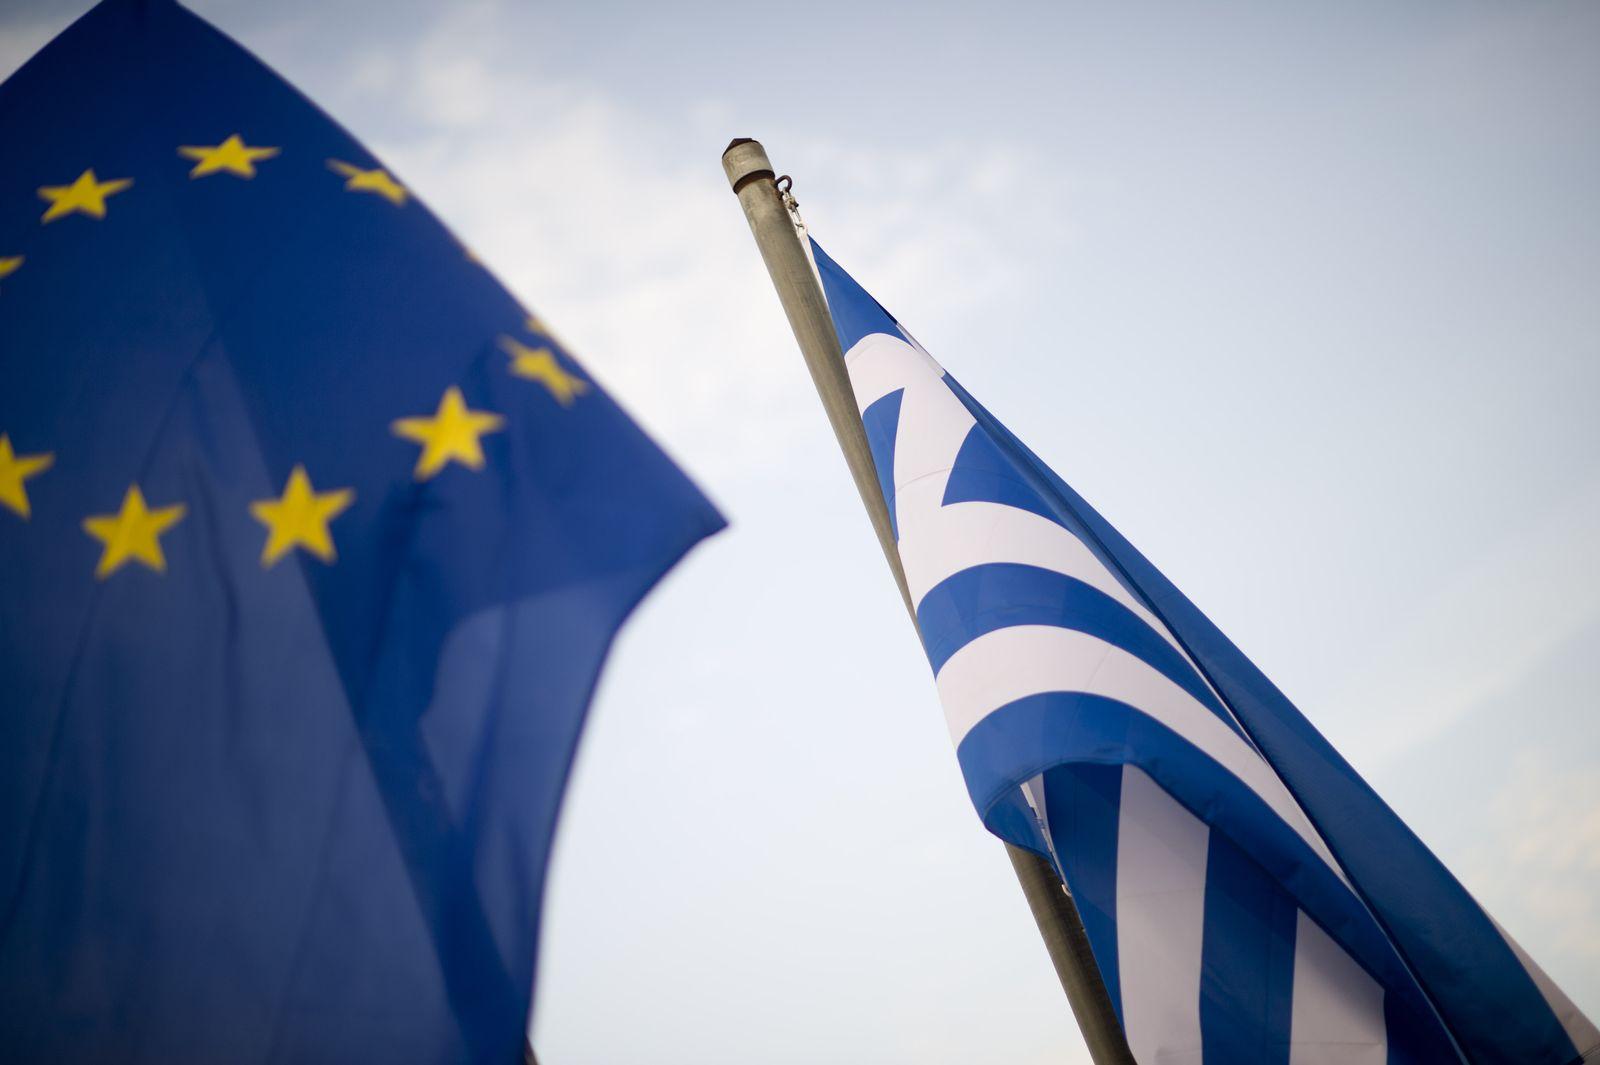 NICHT VERWENDEN Griechenland / Fahne / EU-Fahne